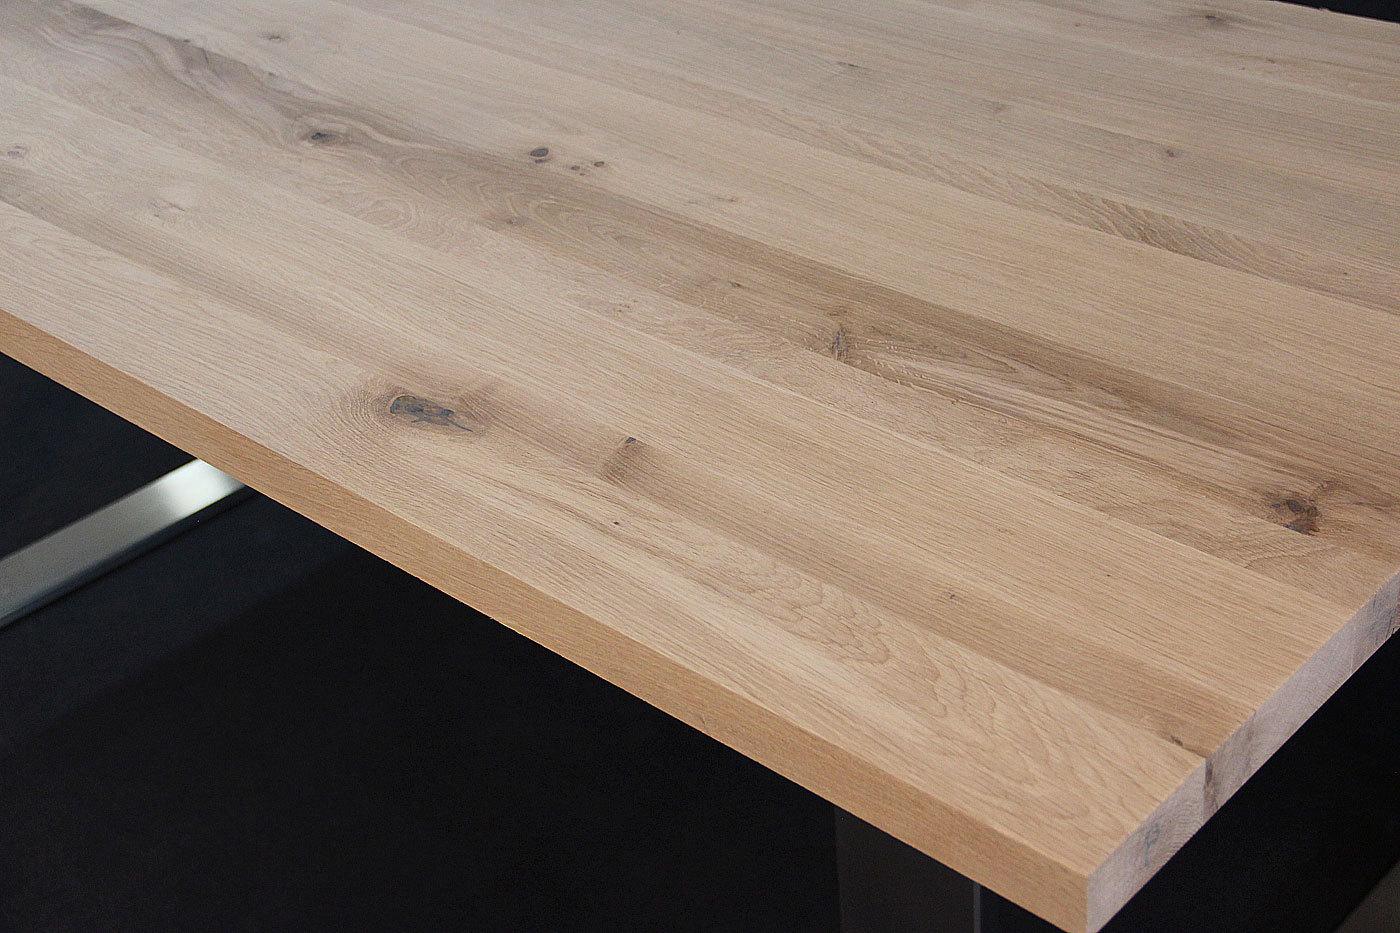 Tischplatte massivholz wildeiche asteiche dl 40 1800 900 for Tischplatte massivholz